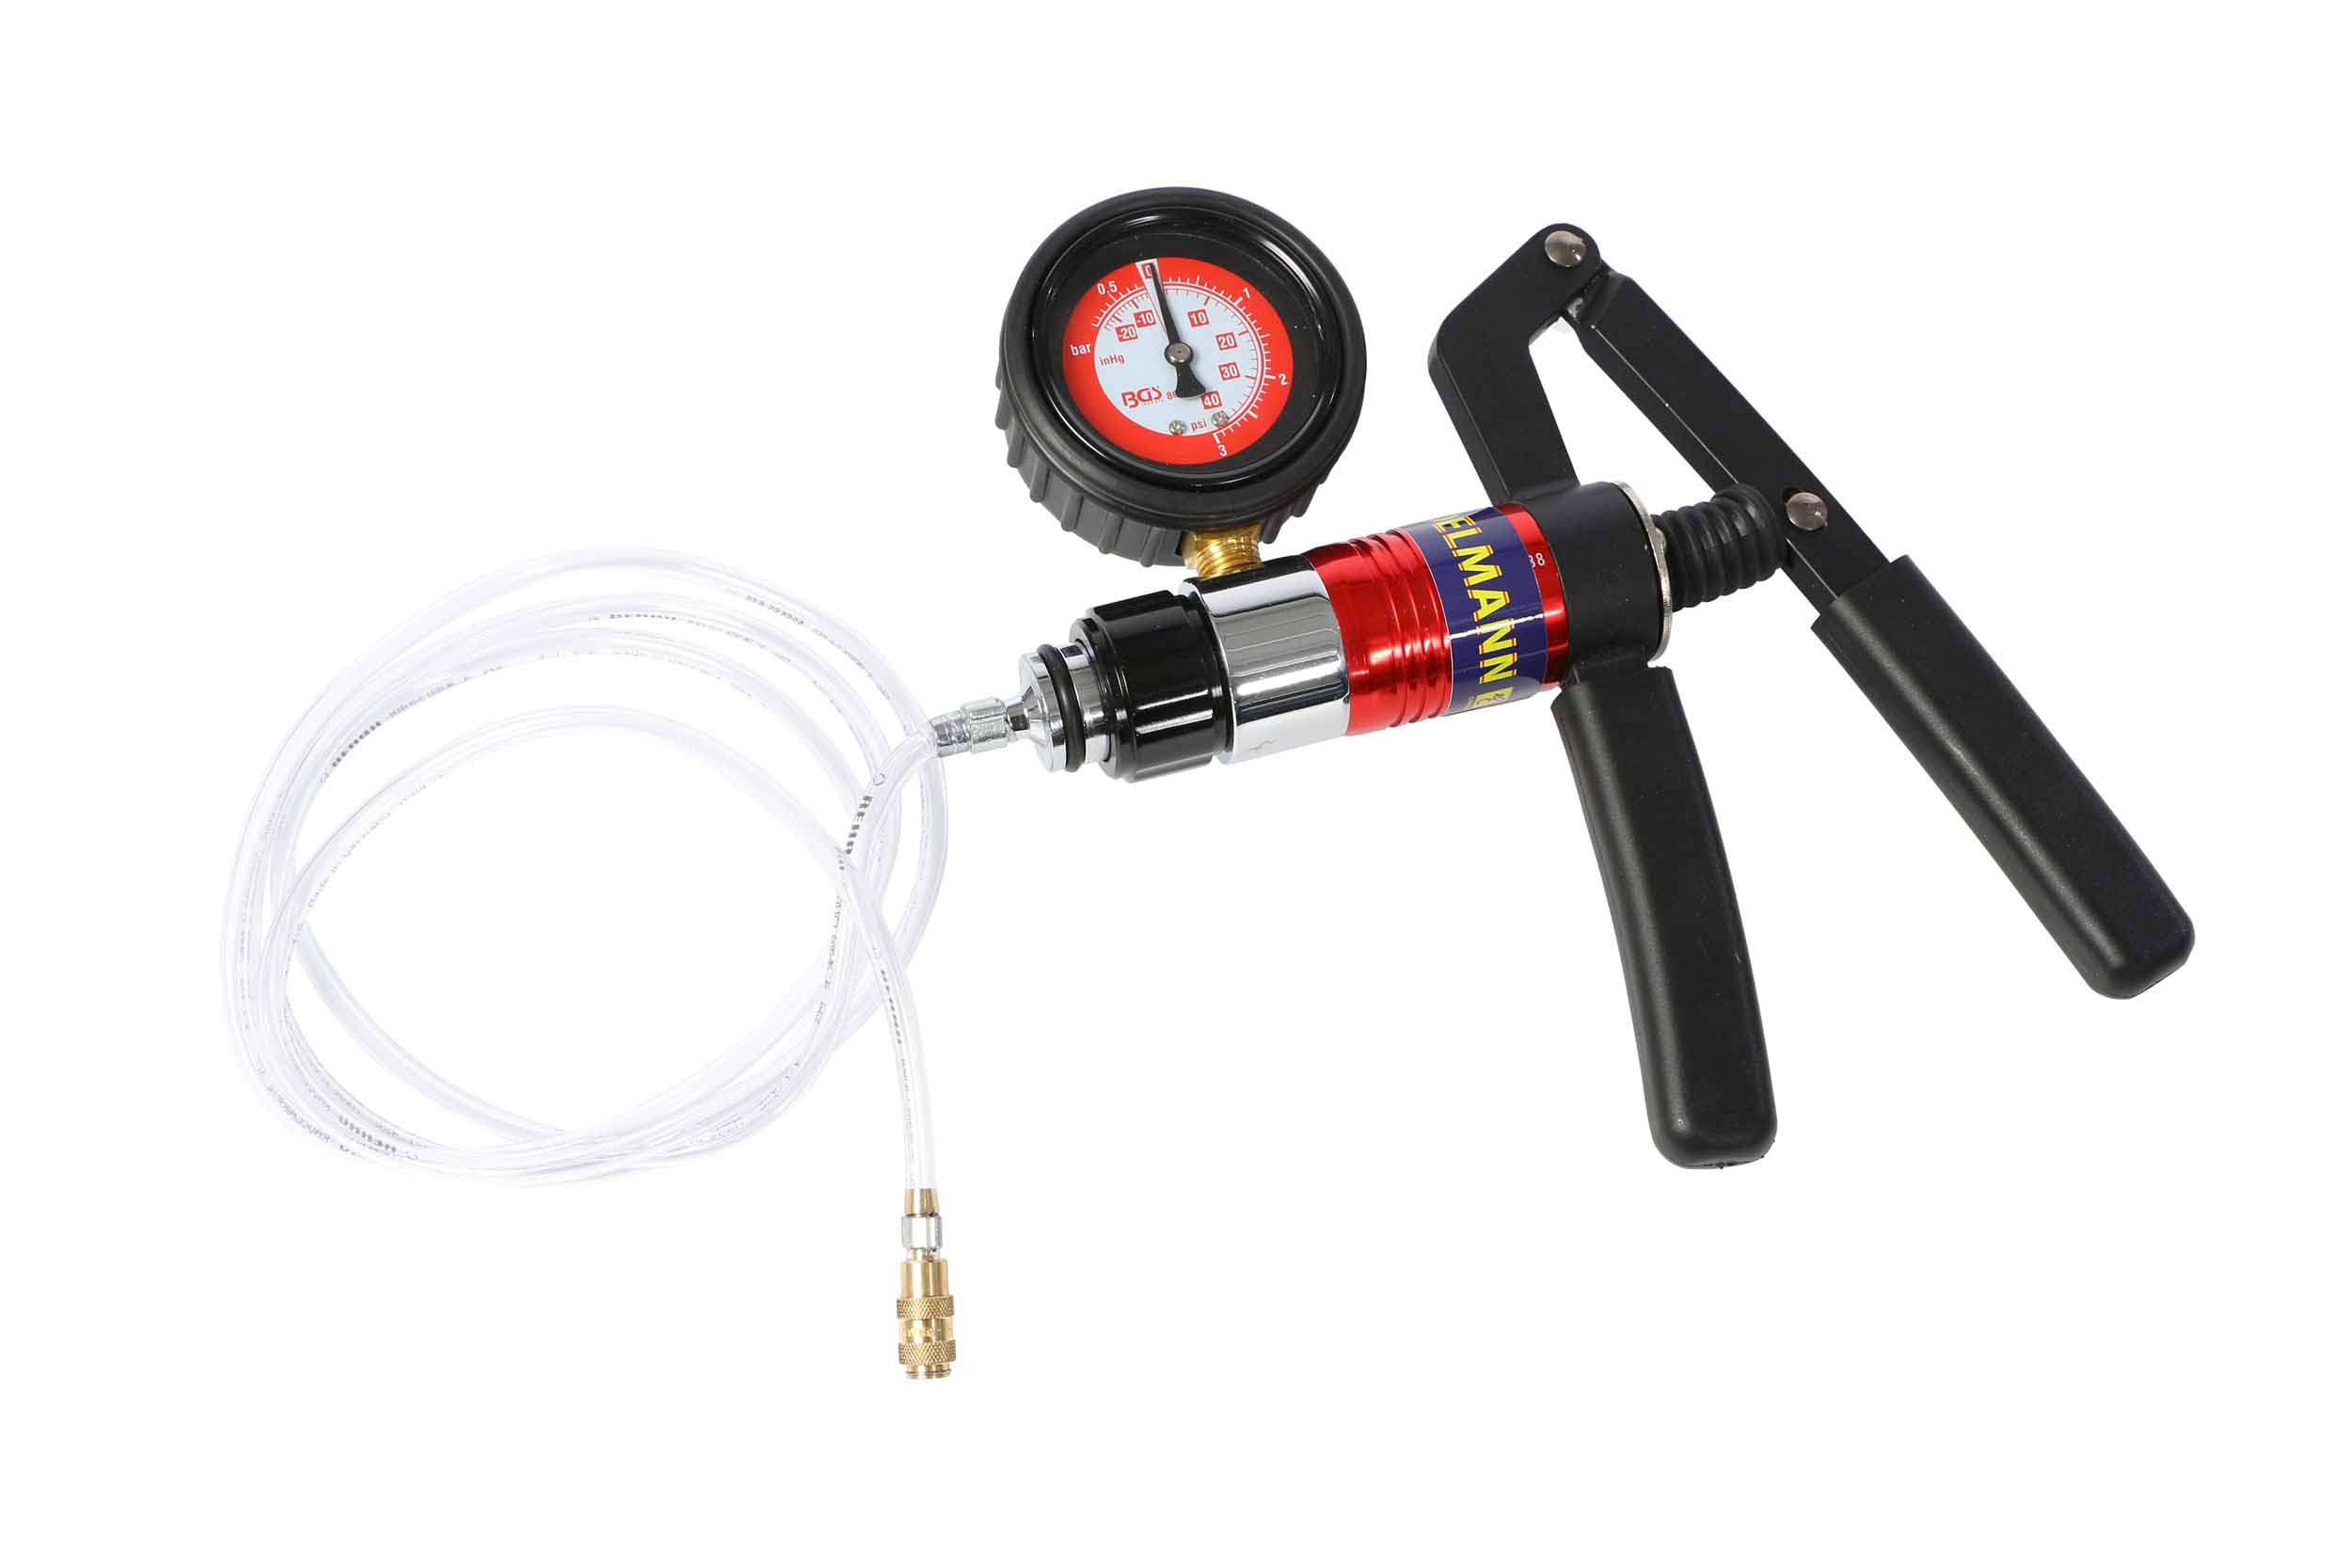 Unter/Überdruck Pumpe mit Schlauch für für Steinschlagreparatur Master